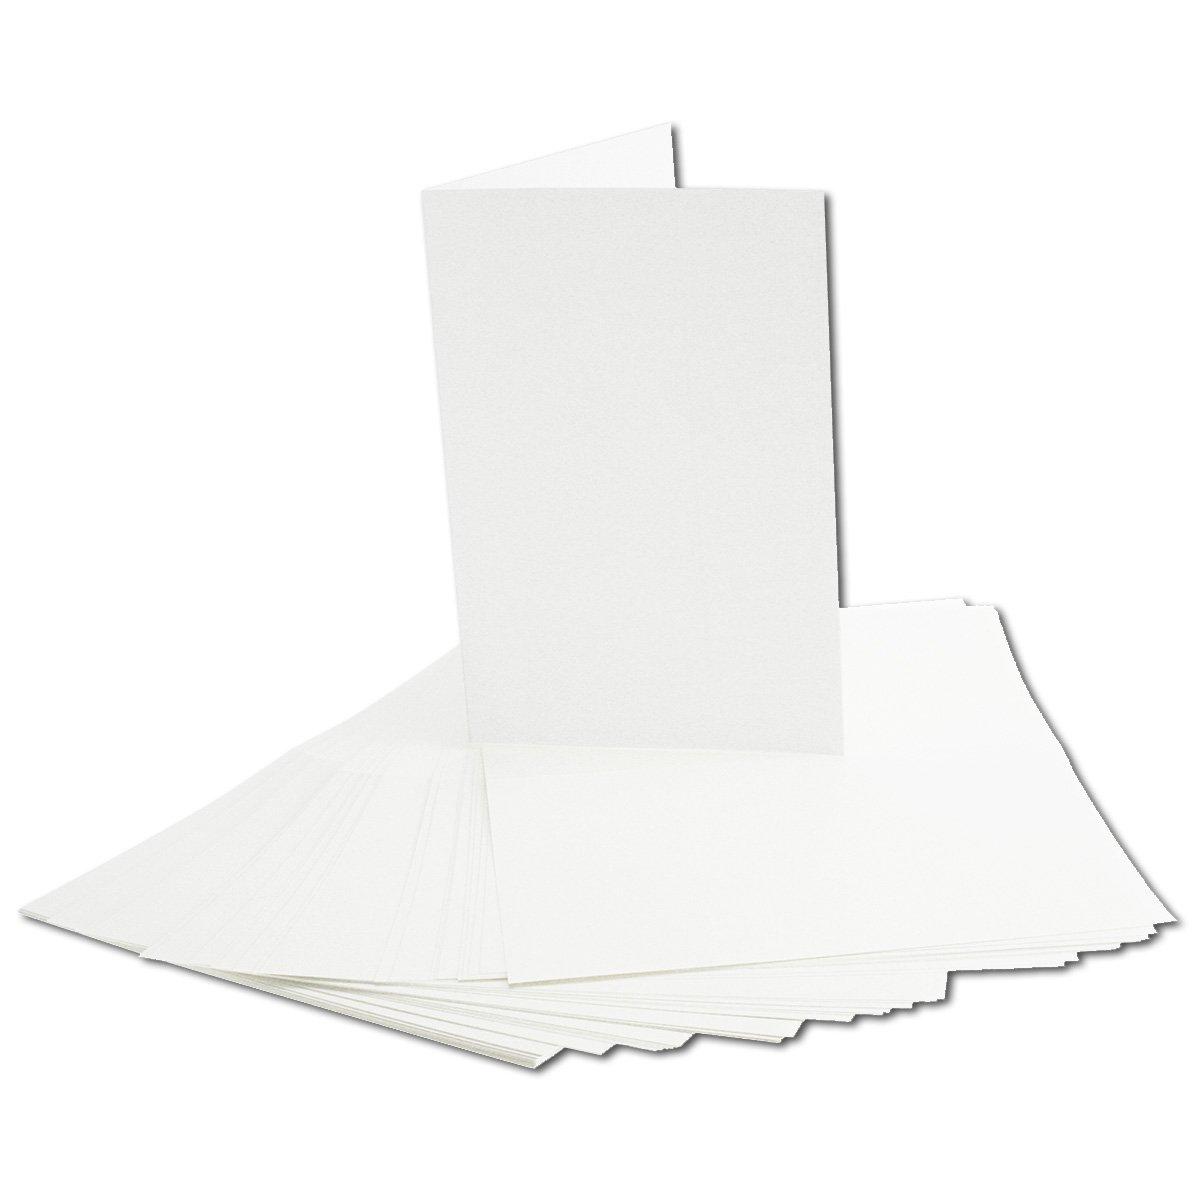 200x faltbares Einlege-Papier für B6 Doppelkarten   transparent-weiß   163 x 224 mm (112 x 163 mm gefaltet)   ideal zum Bedrucken mit Tinte und Laser   hochwertig mattes Papier von GUSTAV NEUSER® B07CJPHN44 | Schön geformt